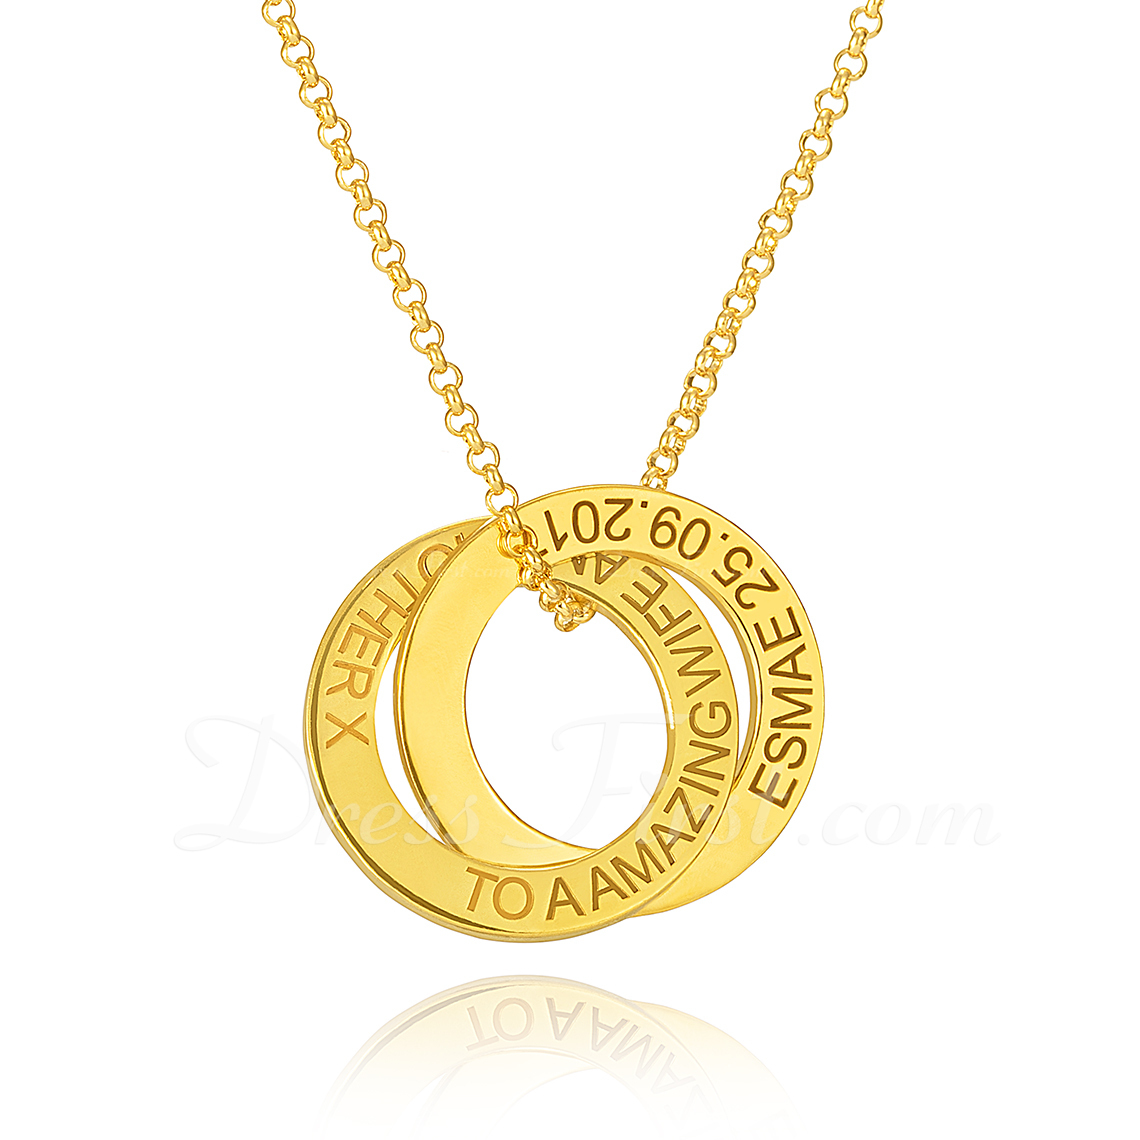 Personalizado Plata chapada en oro de 18 k Grabado / Grabado Circulo Superposición Dos Collar grabado Collar Circular - Regalos De Cumpleanos Regalos Del Día De La Madre